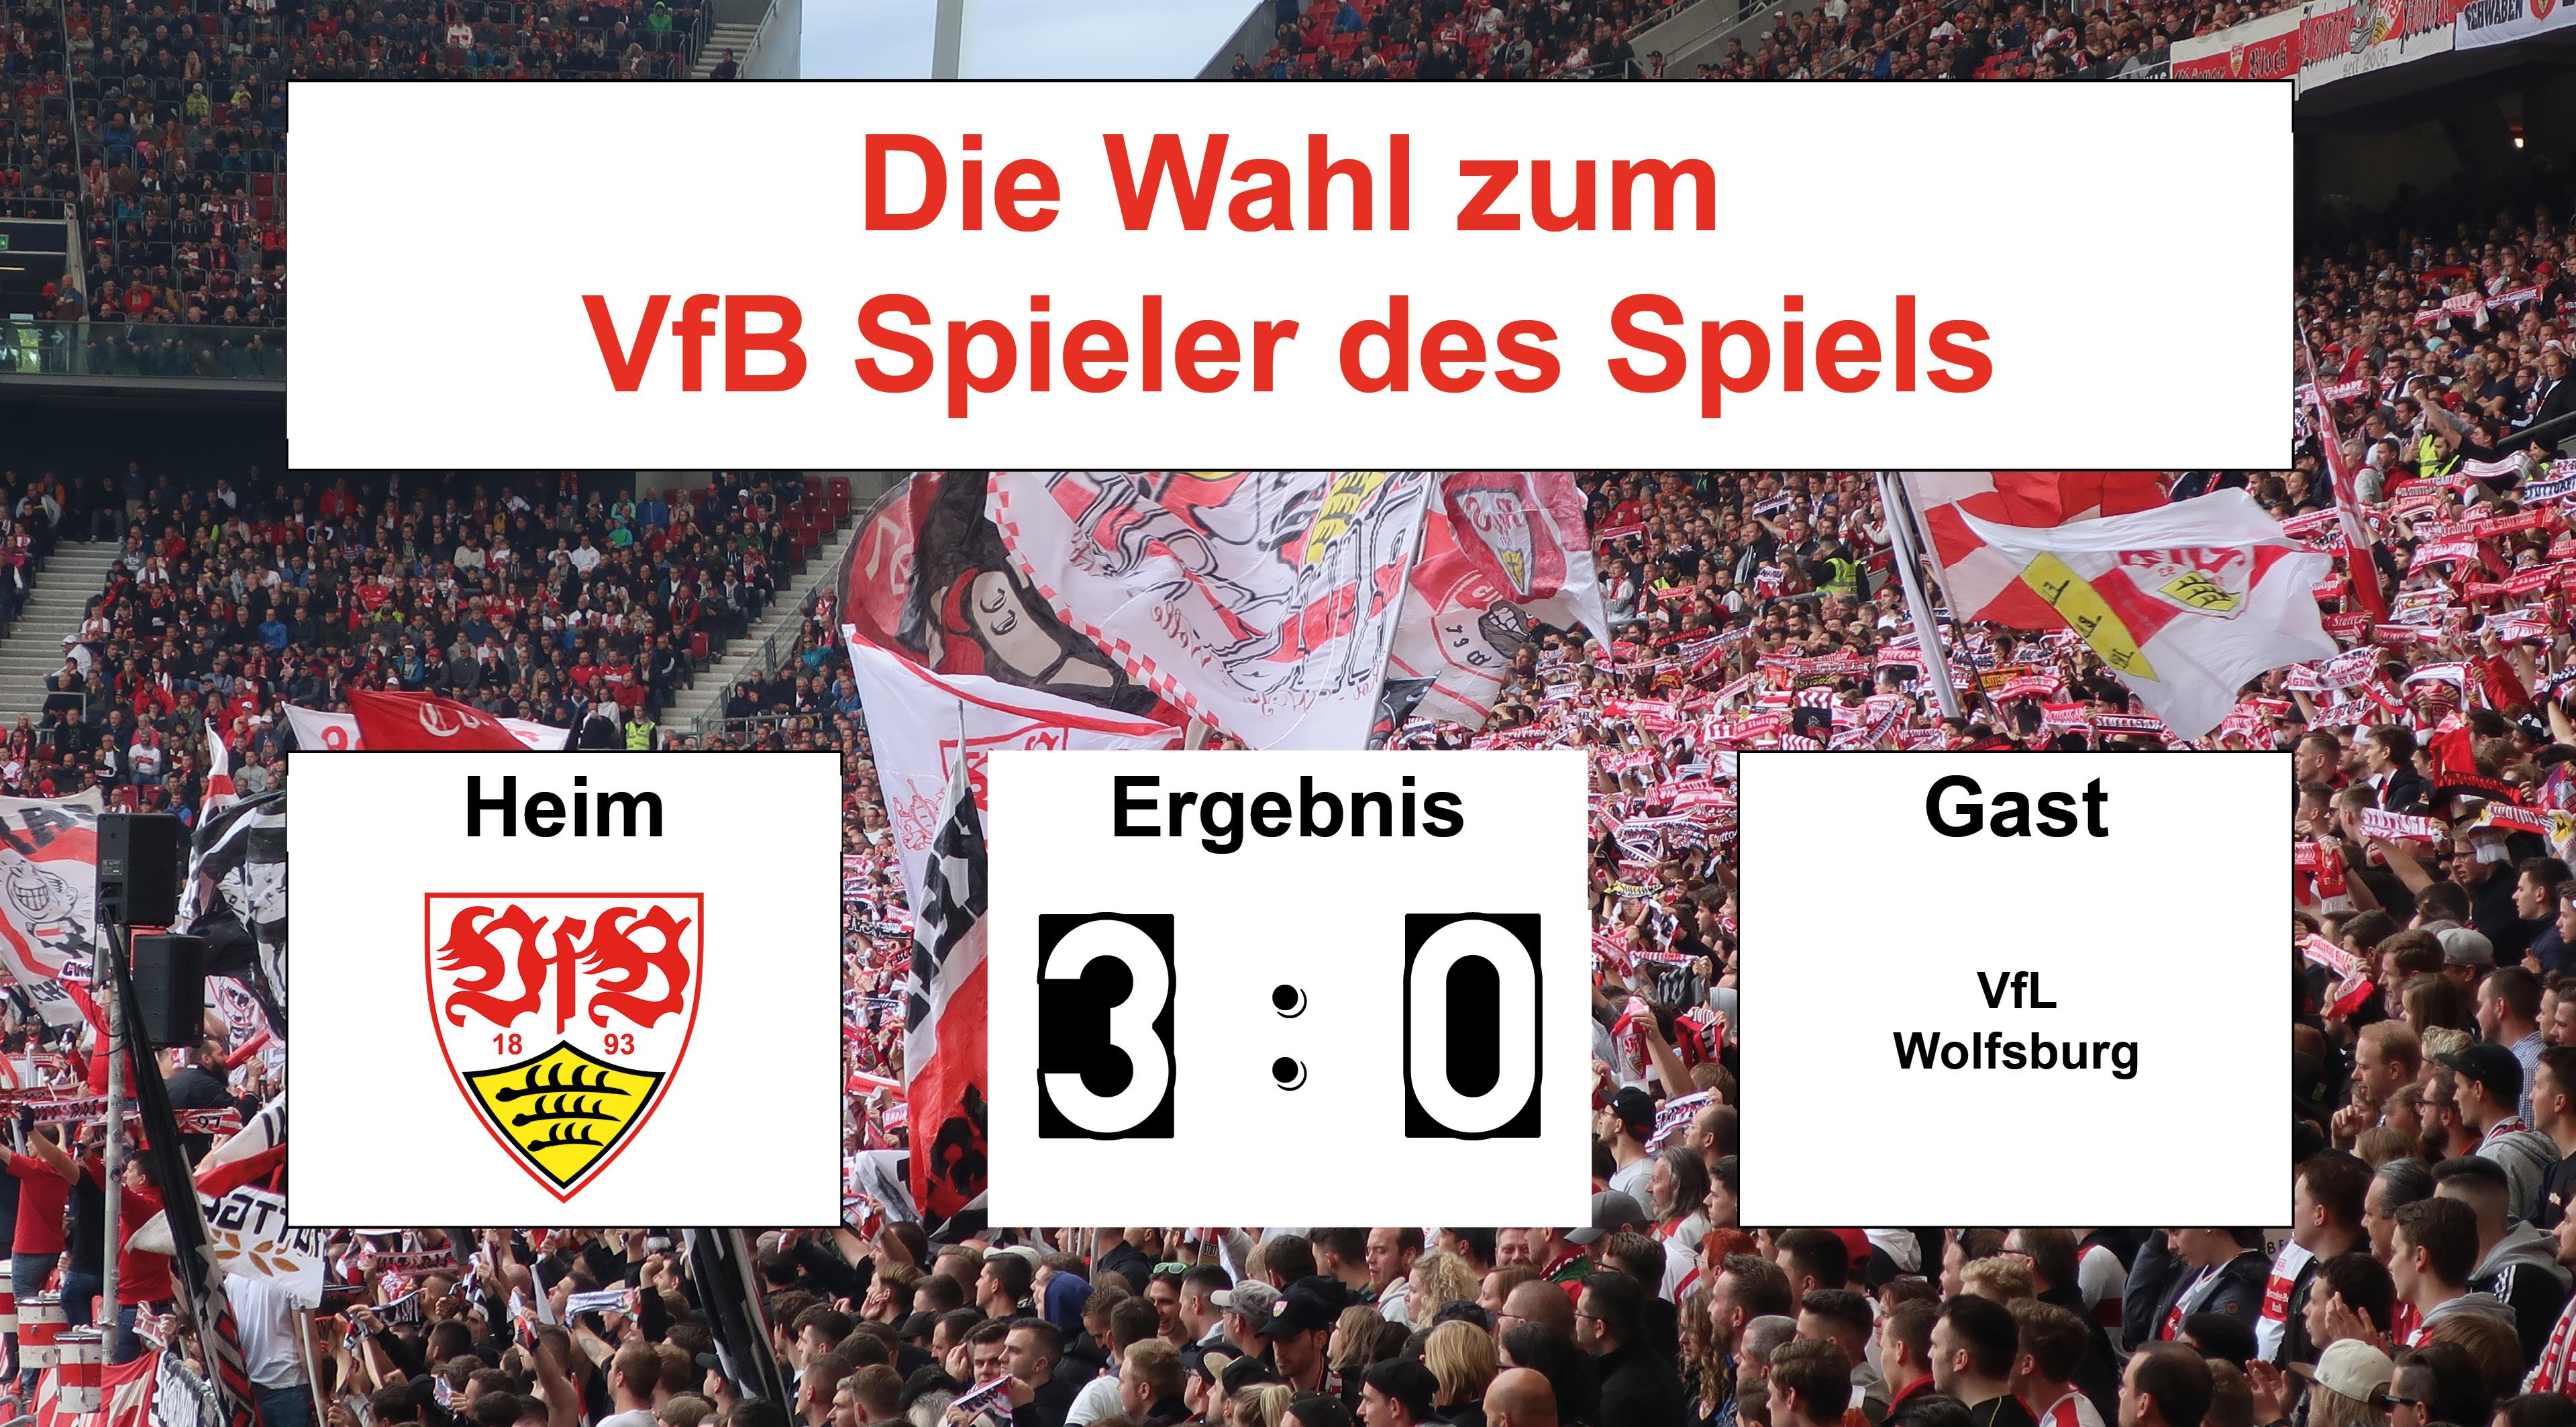 Wahl zum VfB Spieler des Spiels #VfBWOB   11.05.2019